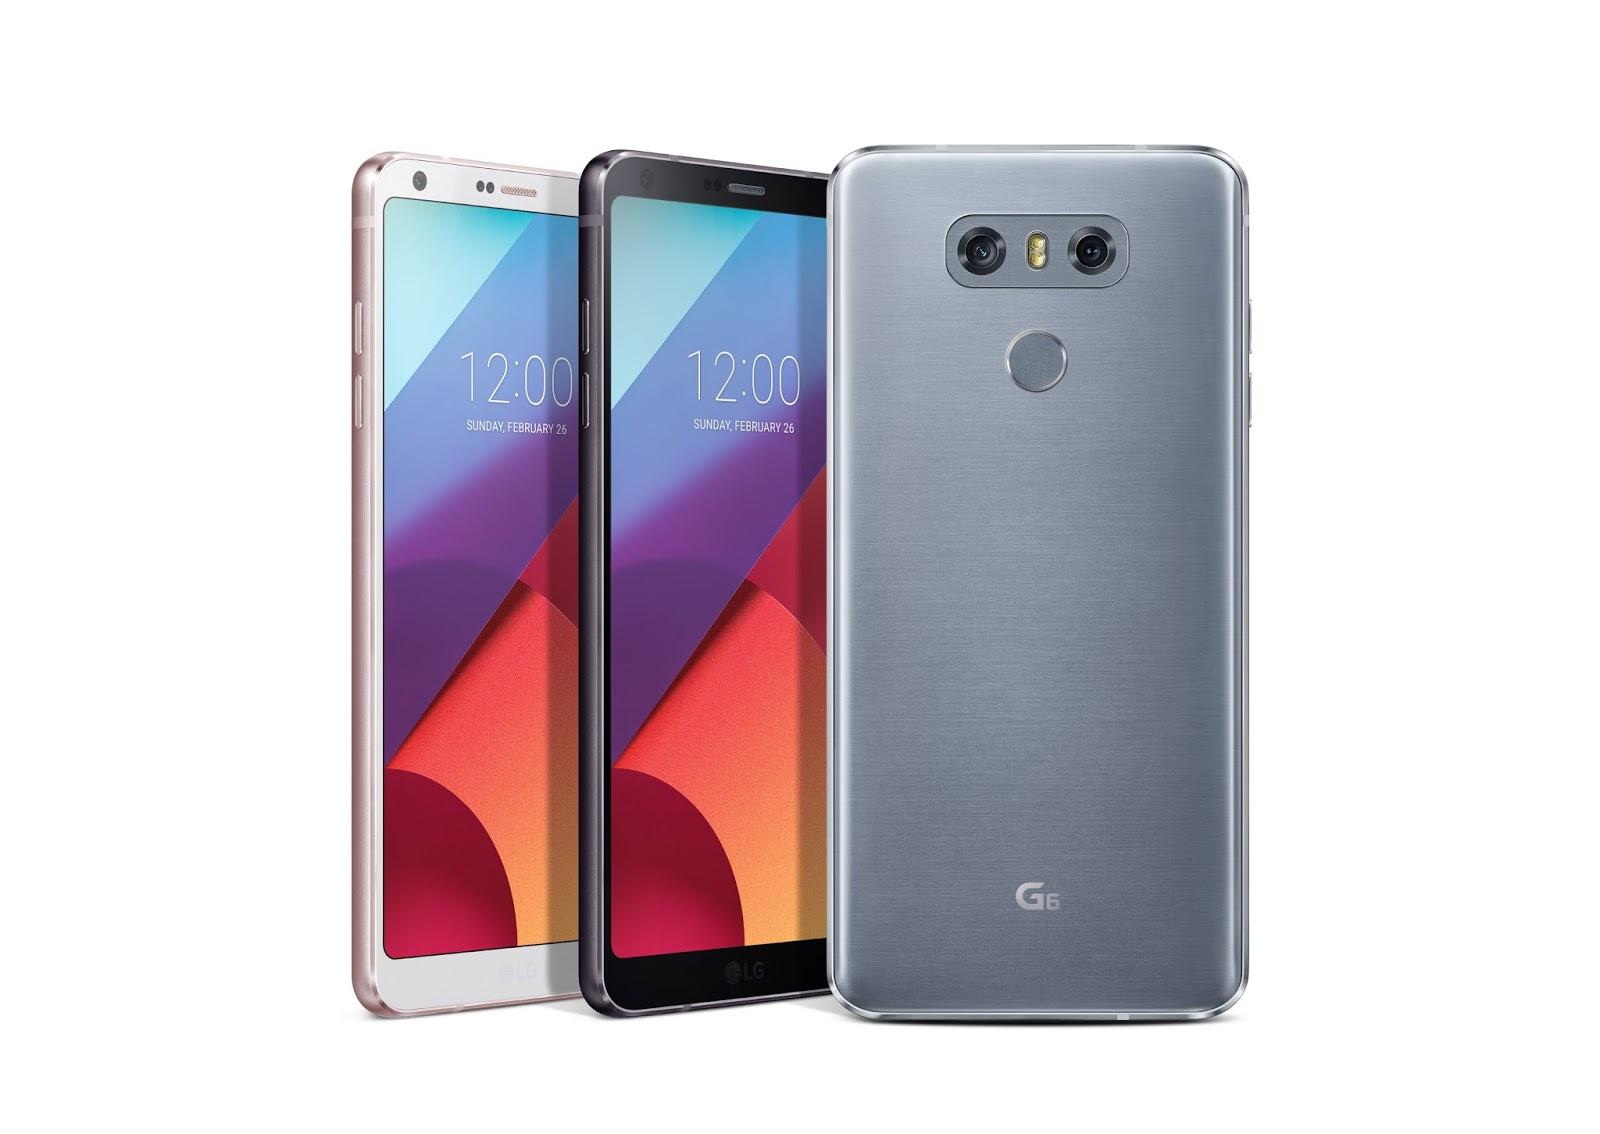 Nuovo LG G6 | Immagini - Video - Caratteristiche 2 HTNovo